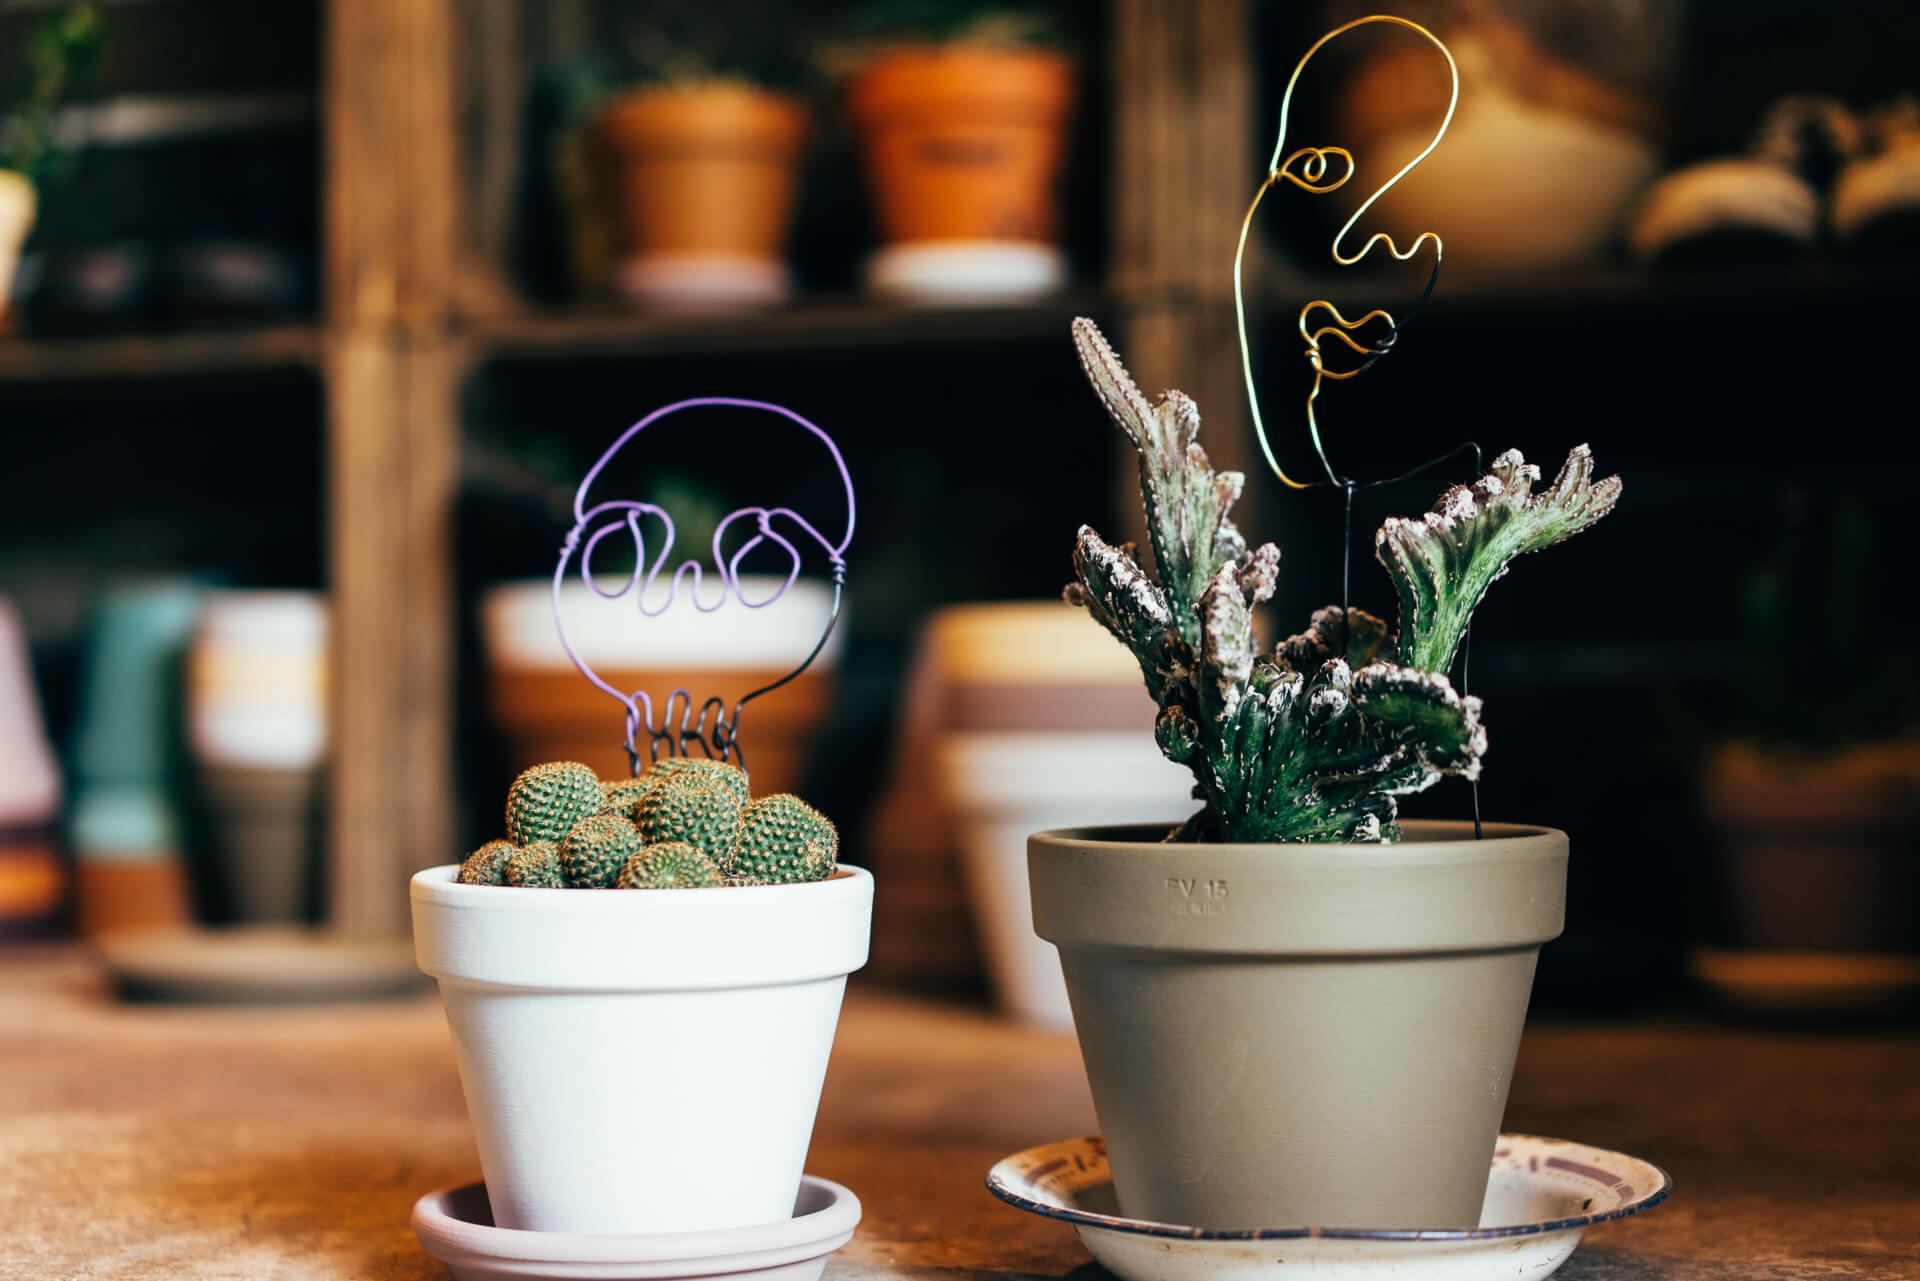 写真上/オリジナルのワイヤーアートとプランツ、鉢のセットは、色味や形のバランスが合うように組み合わせたもの(セットで左9,800円、右11,350円、プレートは別売)